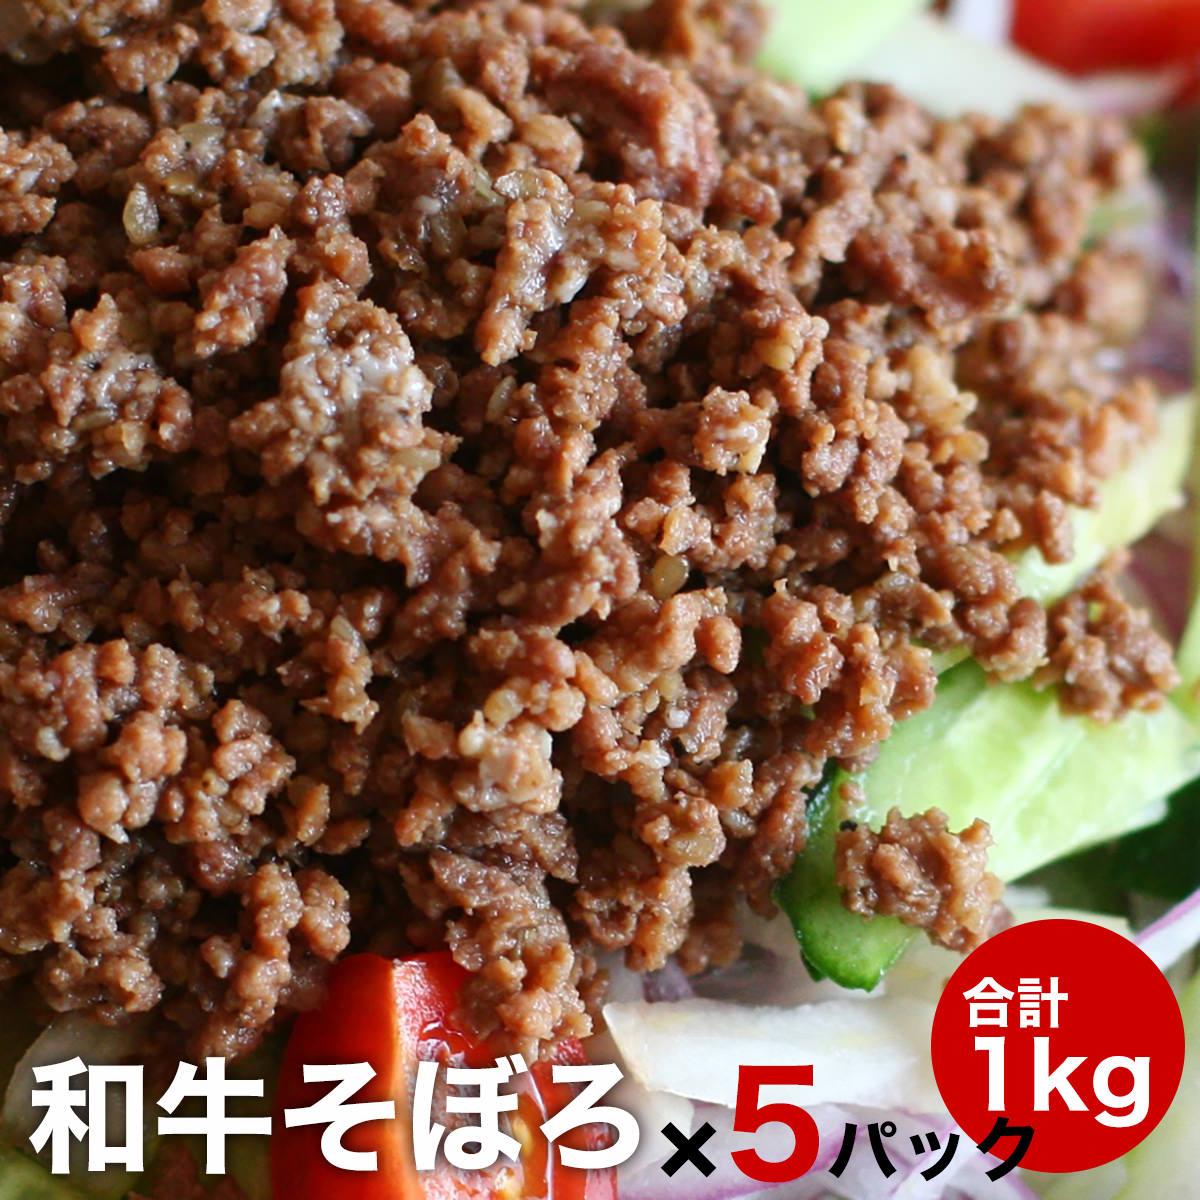 勝光治のおすすめ 和牛そぼろの肉100g×10パック